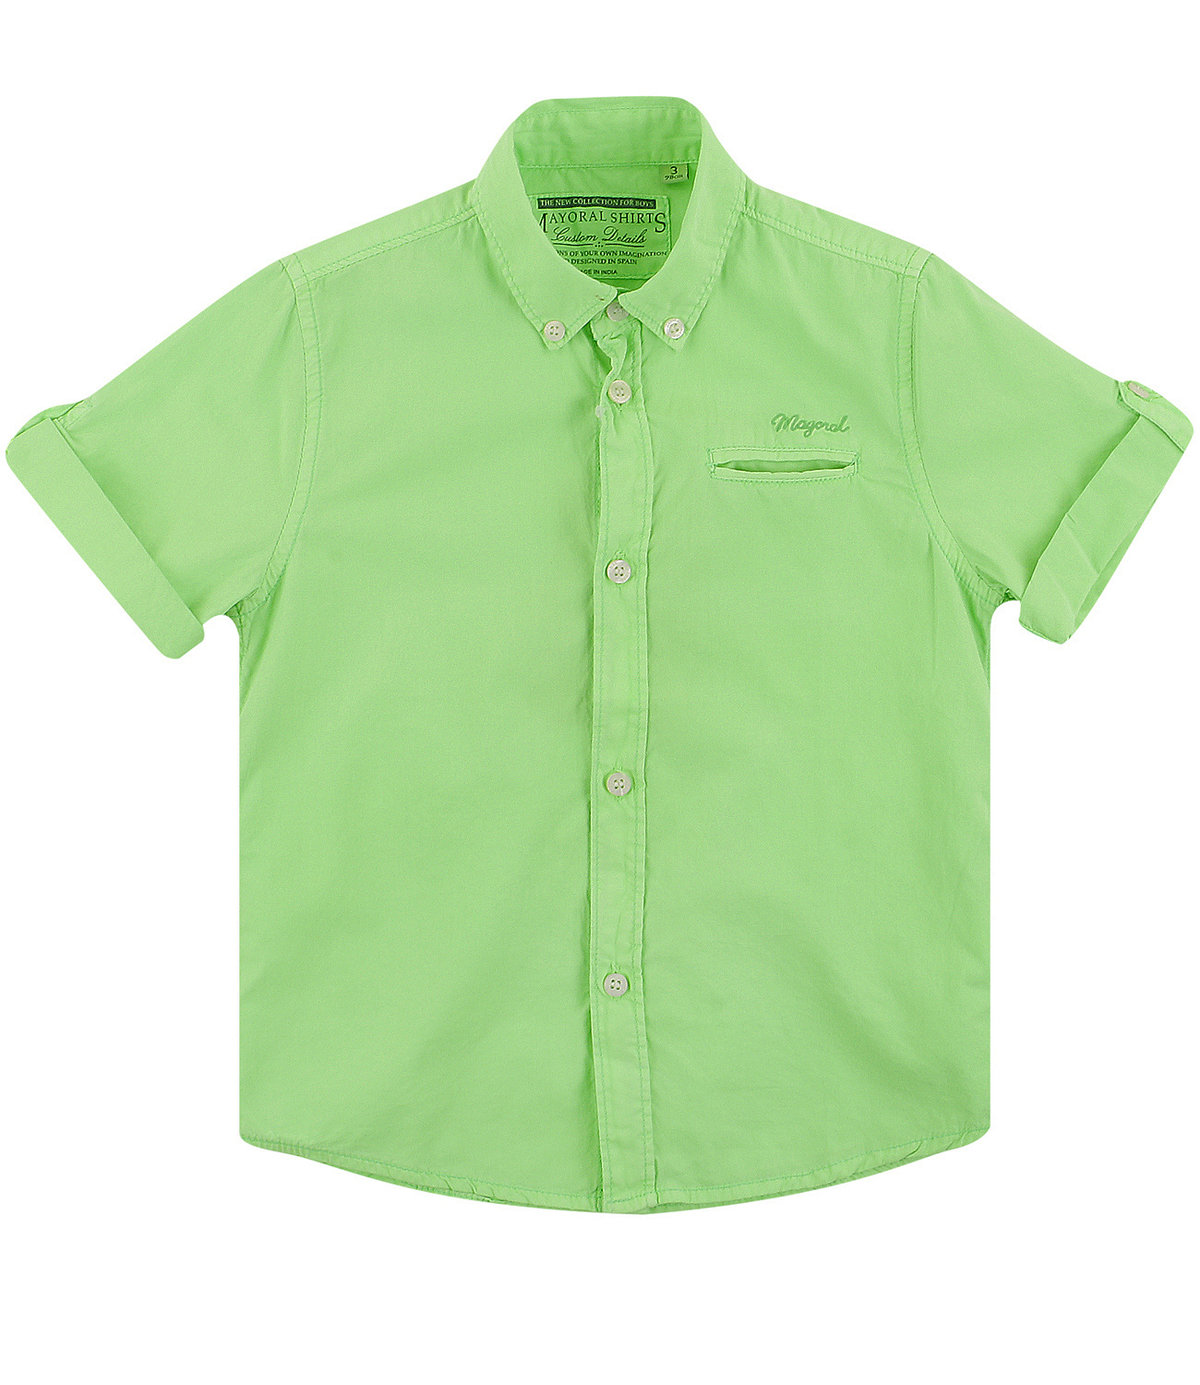 картинки рубашек зеленых зарядили хабаровске